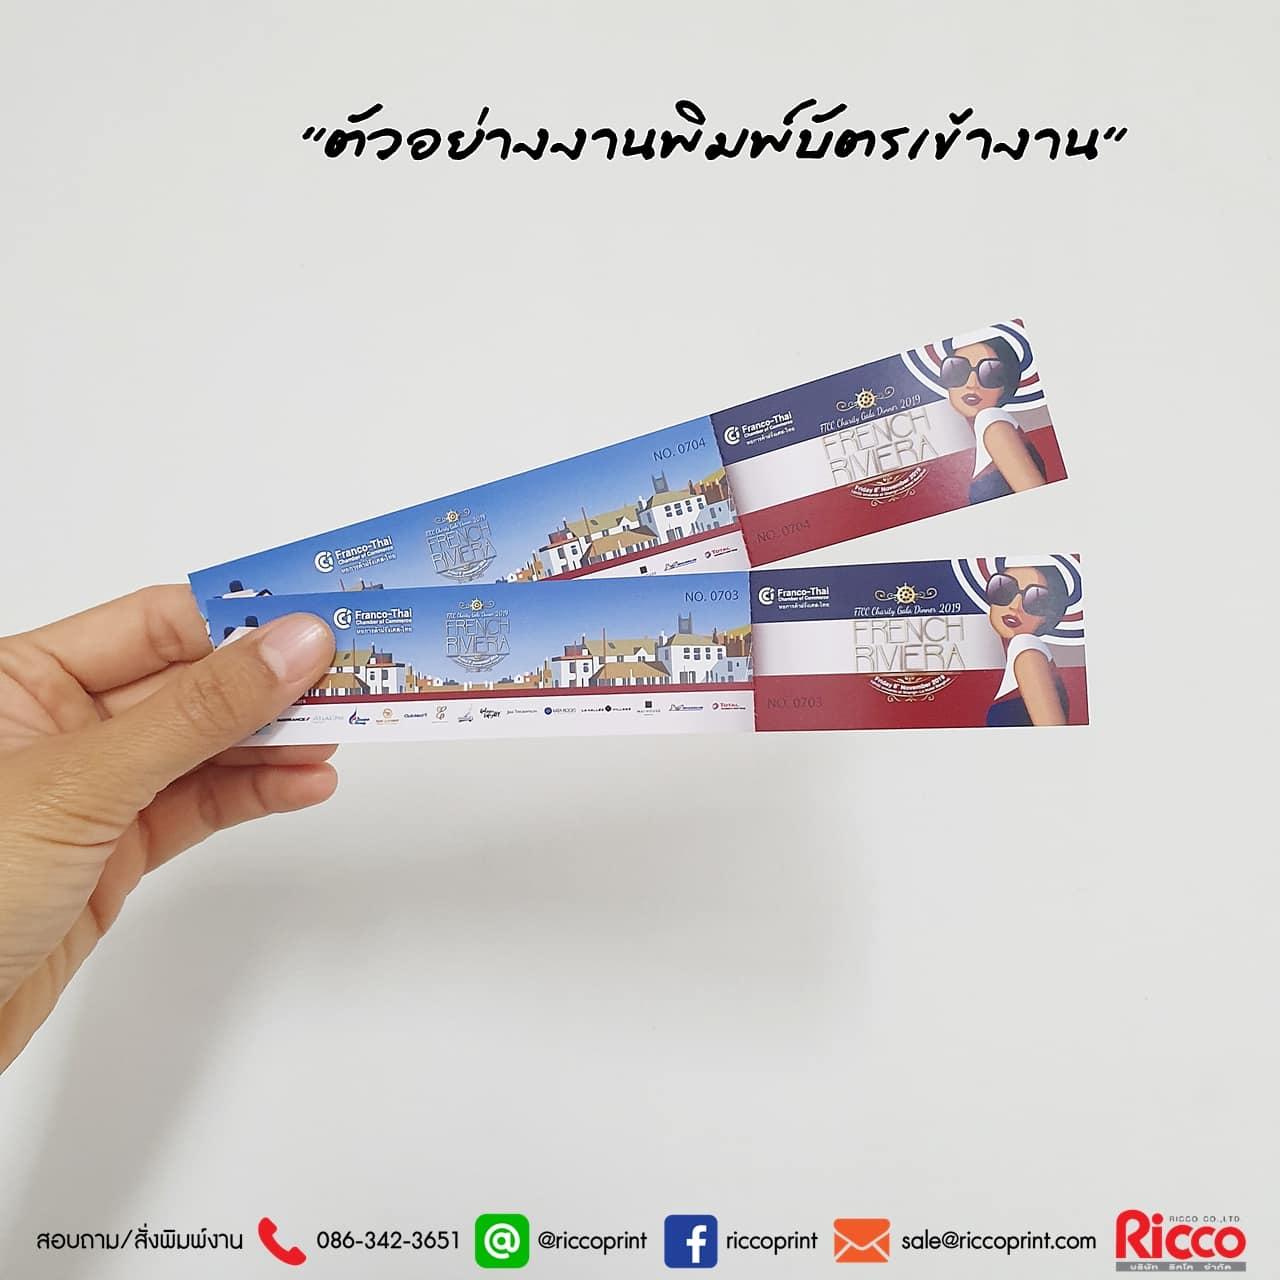 รูป Ticket 2019 1 1 - ประกอบเนื้อหา คูปอง บัตรกำนัล ตั๋ว